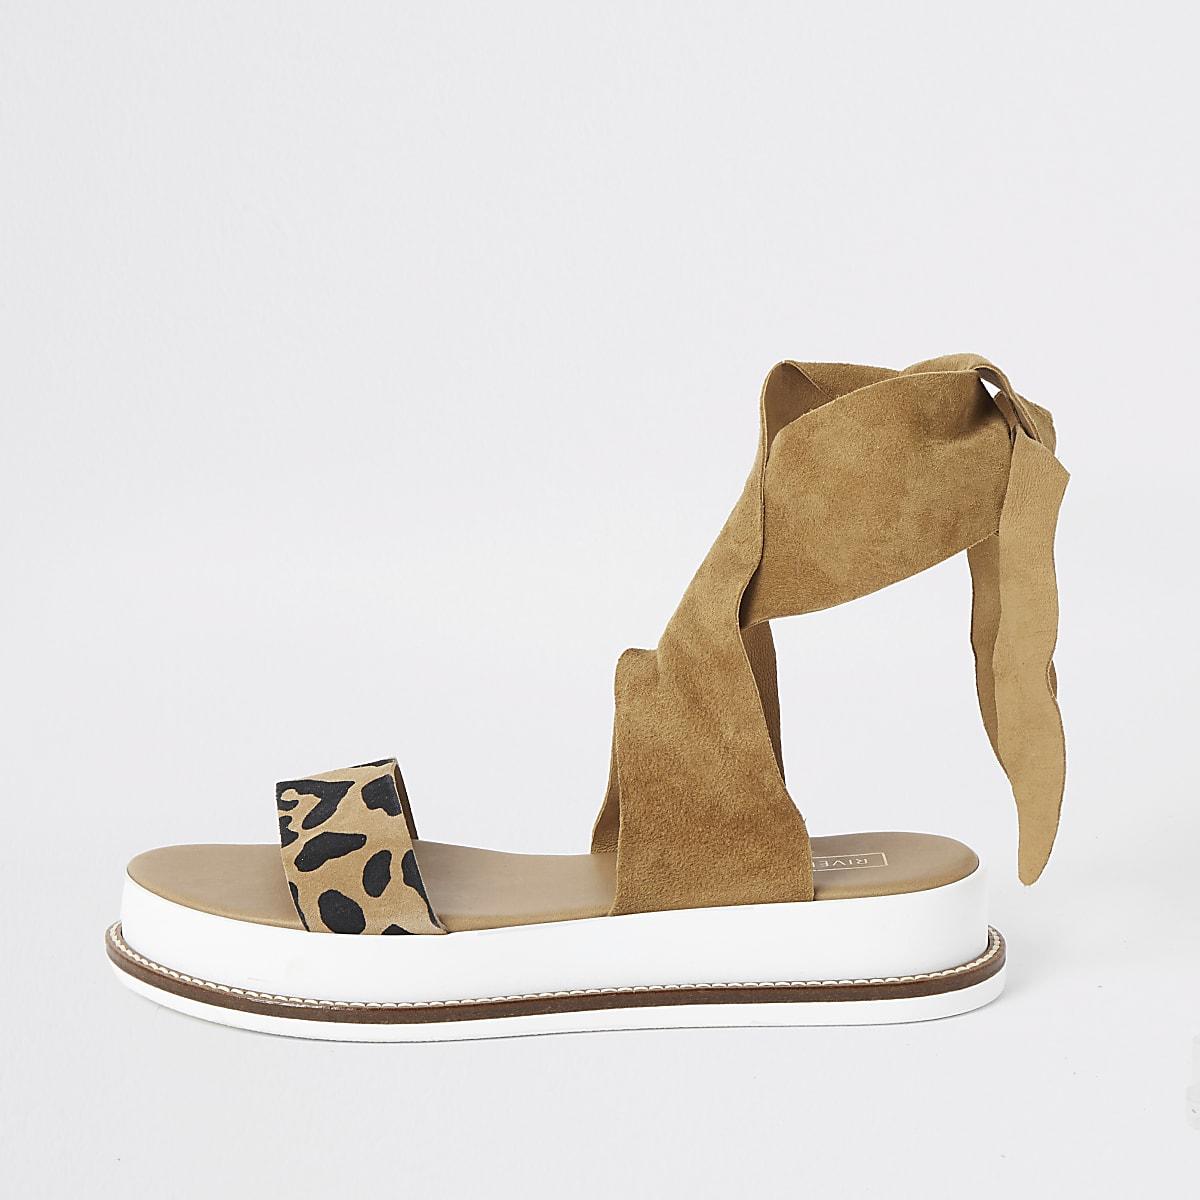 Sandales léopard marron à semelle plateforme